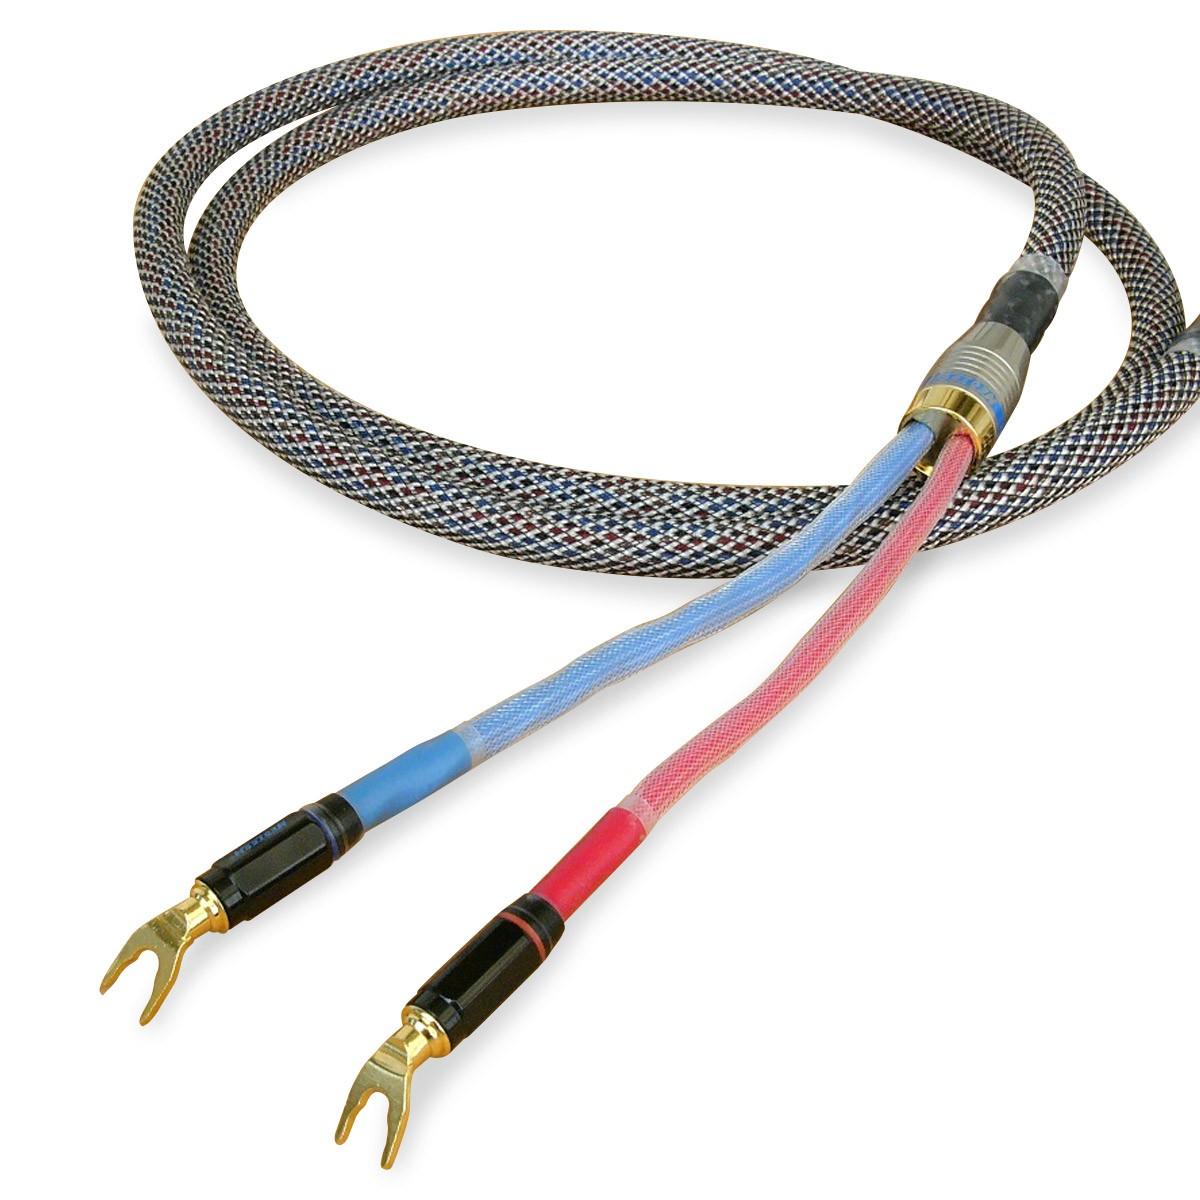 NEOTECH NES-3001 Câble Haut-Parleur Cuivre UP-OCC Plaqué Or 17AWG Ø15mm 2m (La paire)